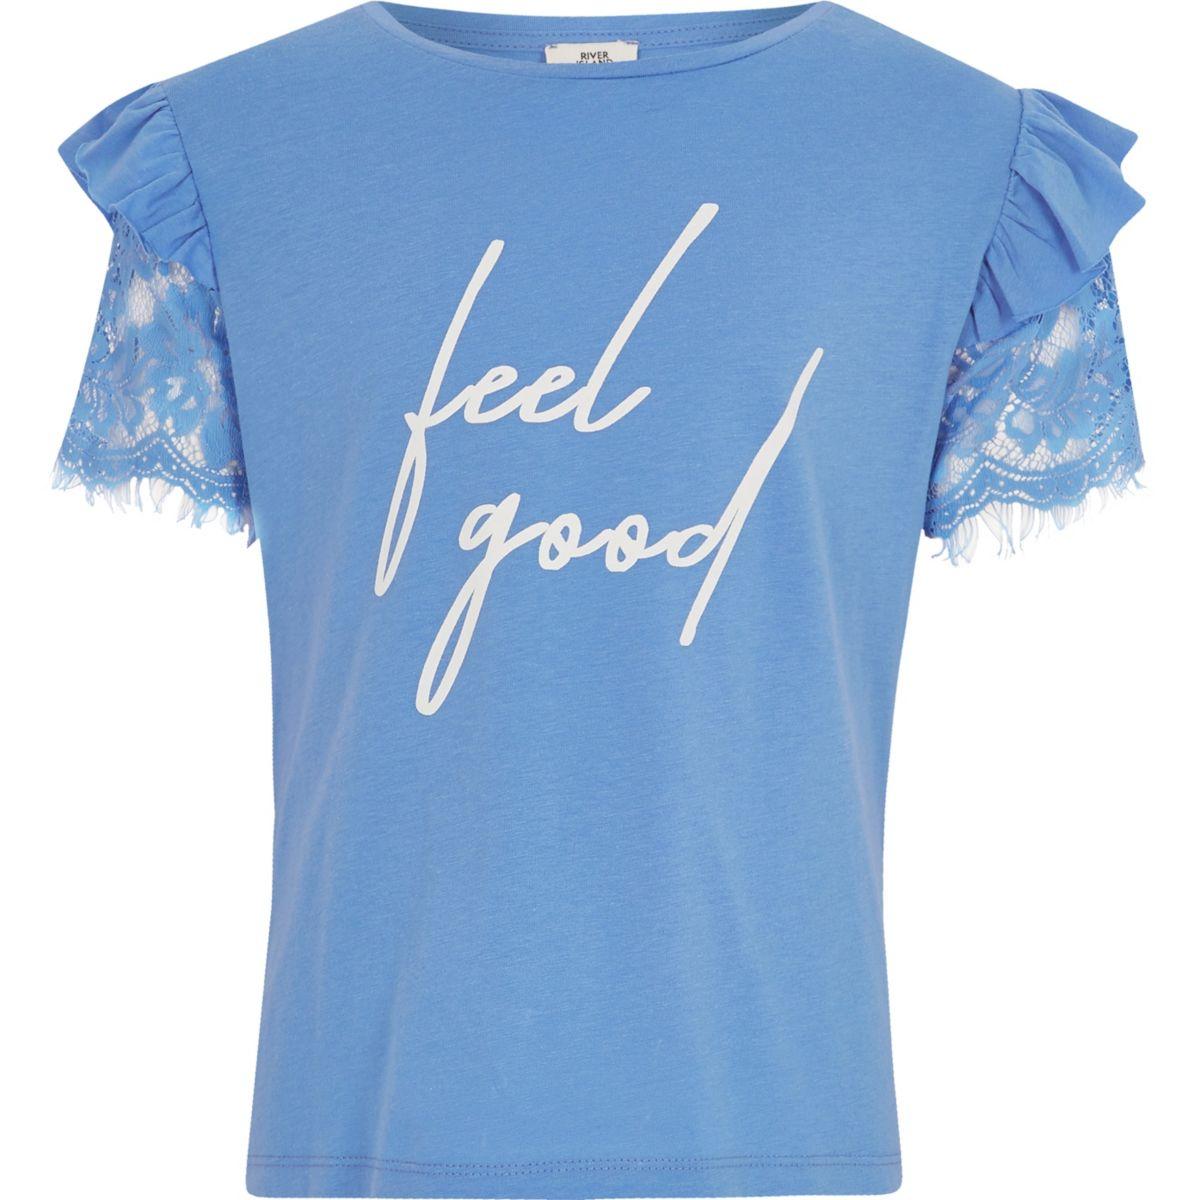 T-shirt «feel good» bleu à manches en dentelle pour fille